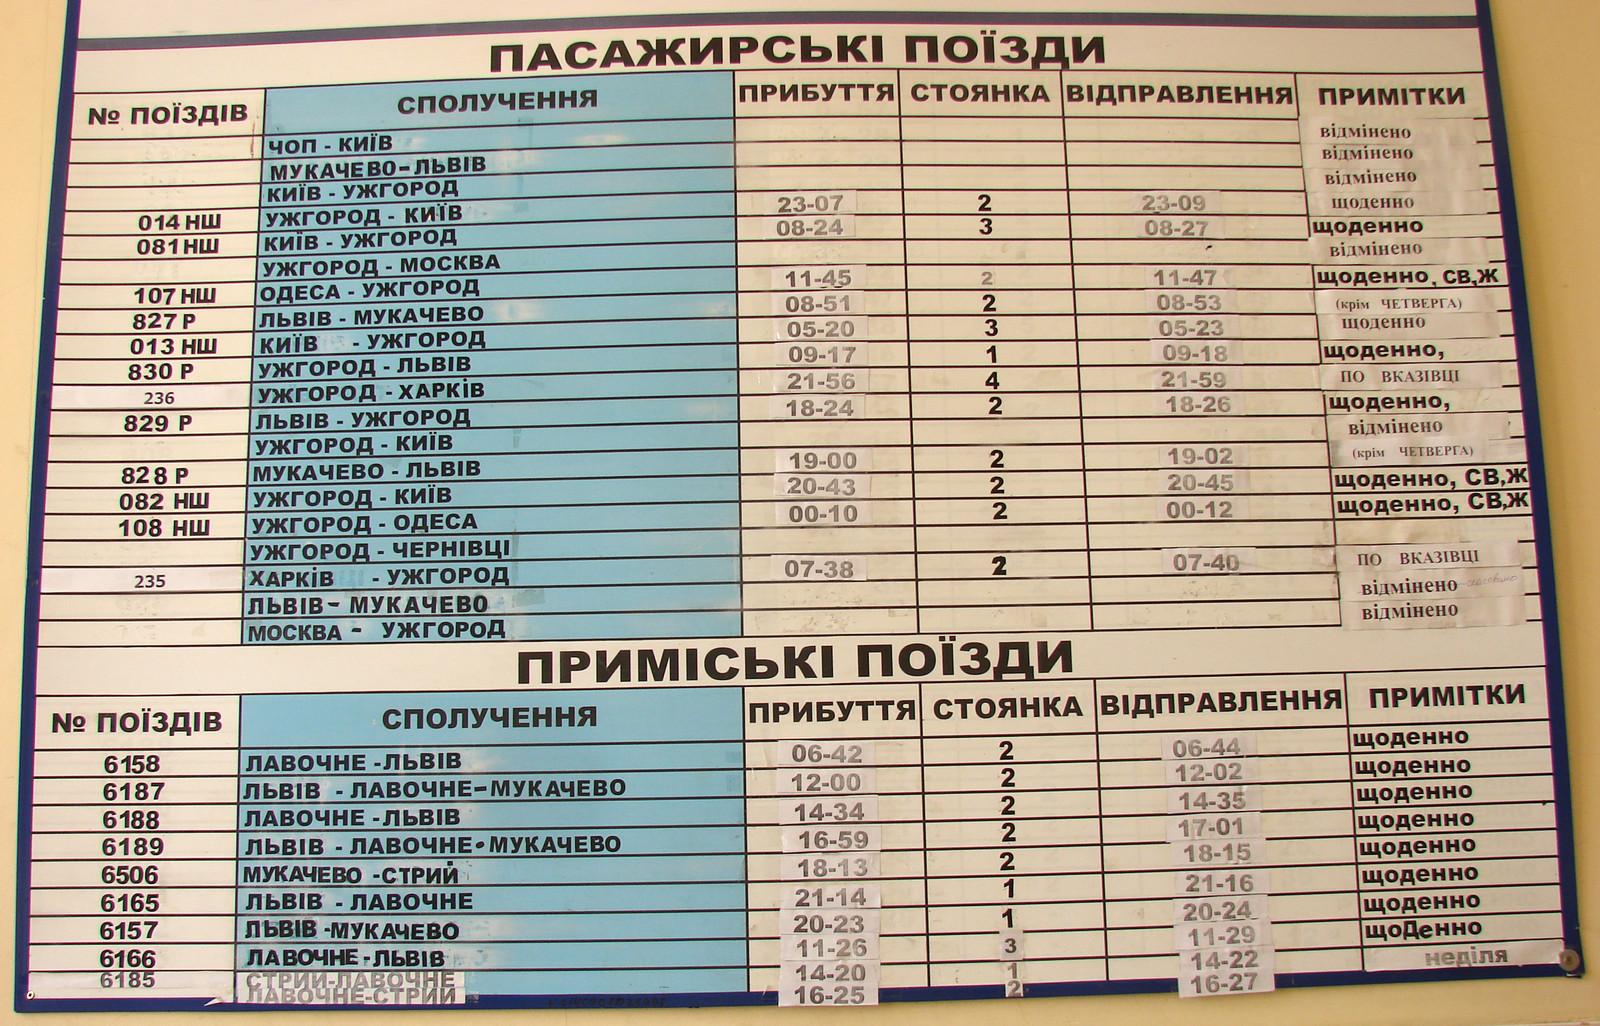 Гордеев расписание жд москва киевский вокзал маленькая квартира